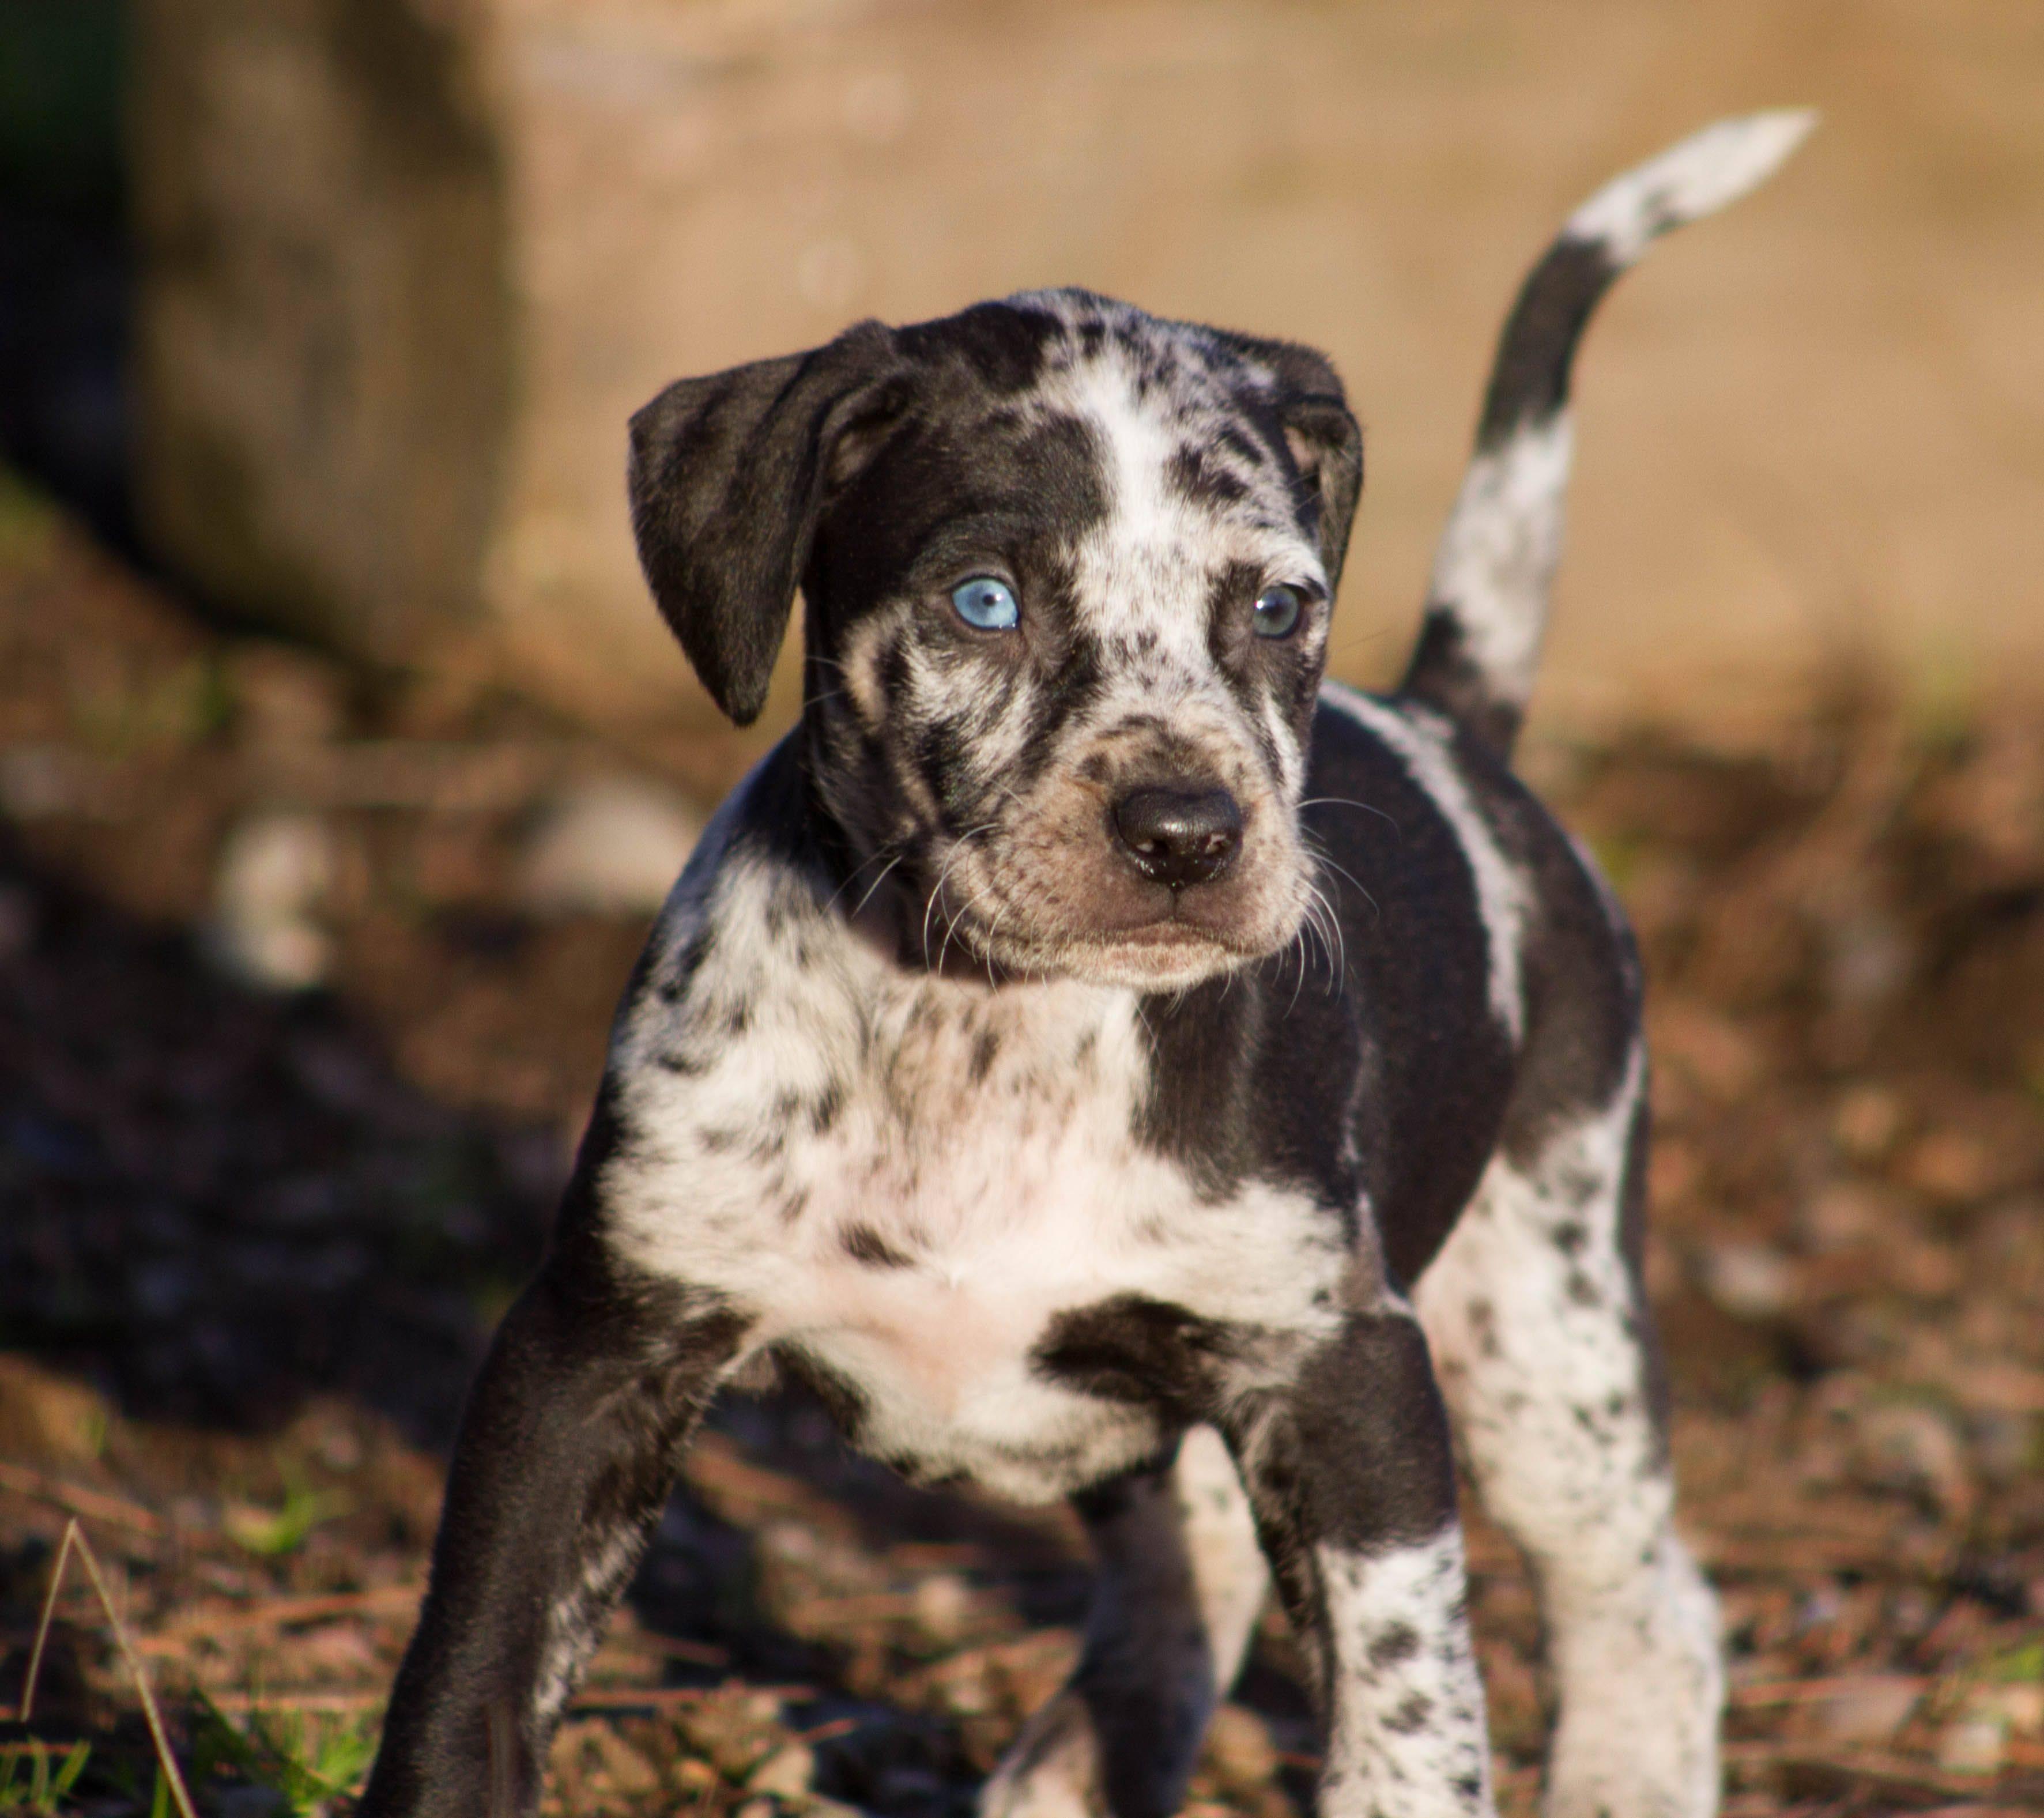 Азорская пастушья собака: фото, купить, видео, цена, содержание дома